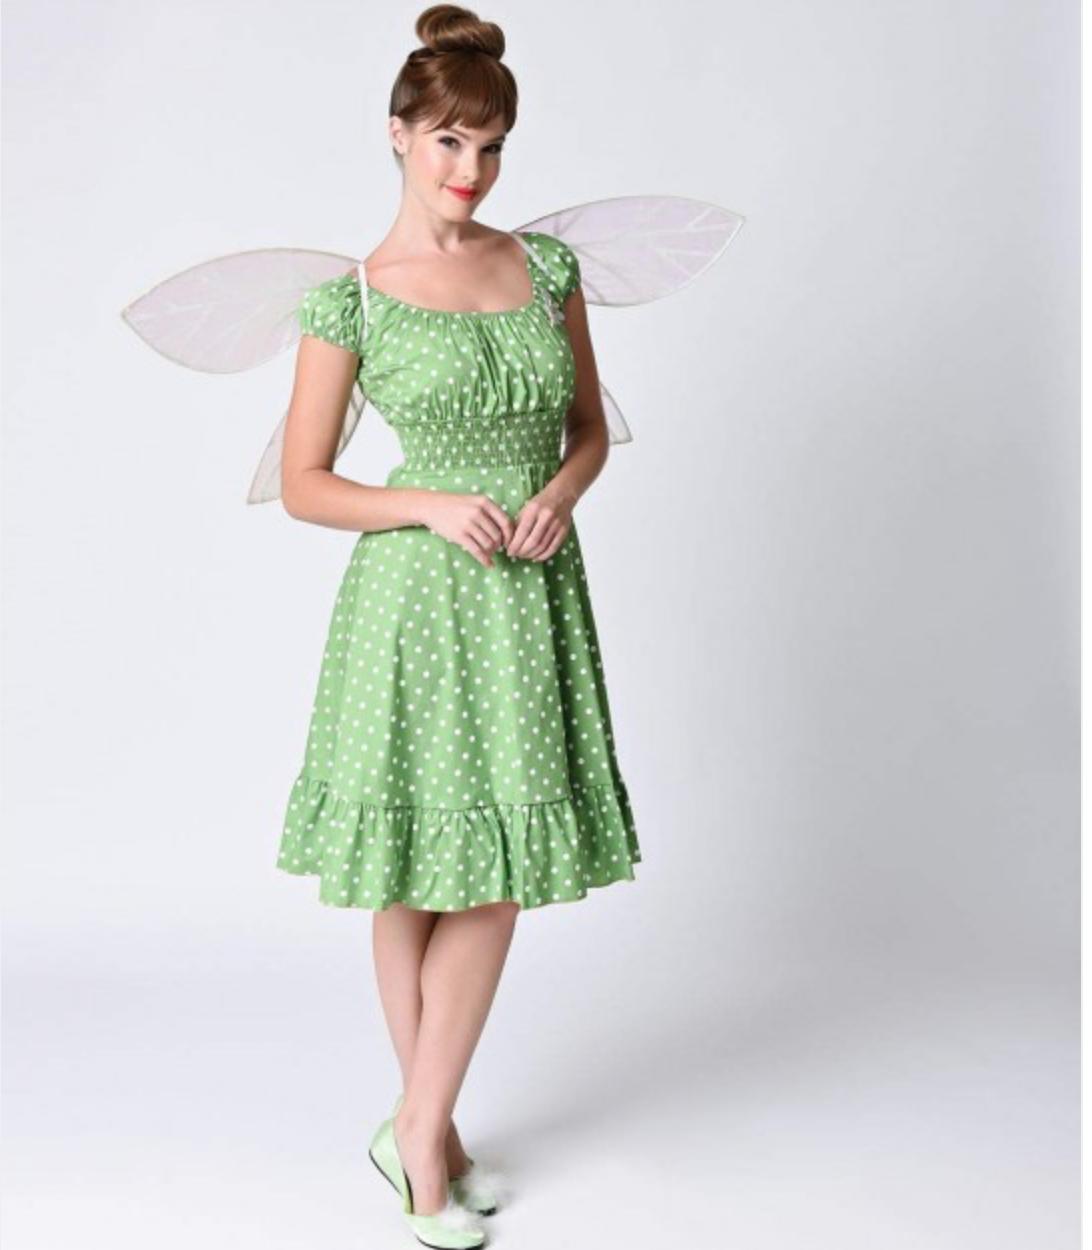 Feisty Fairy